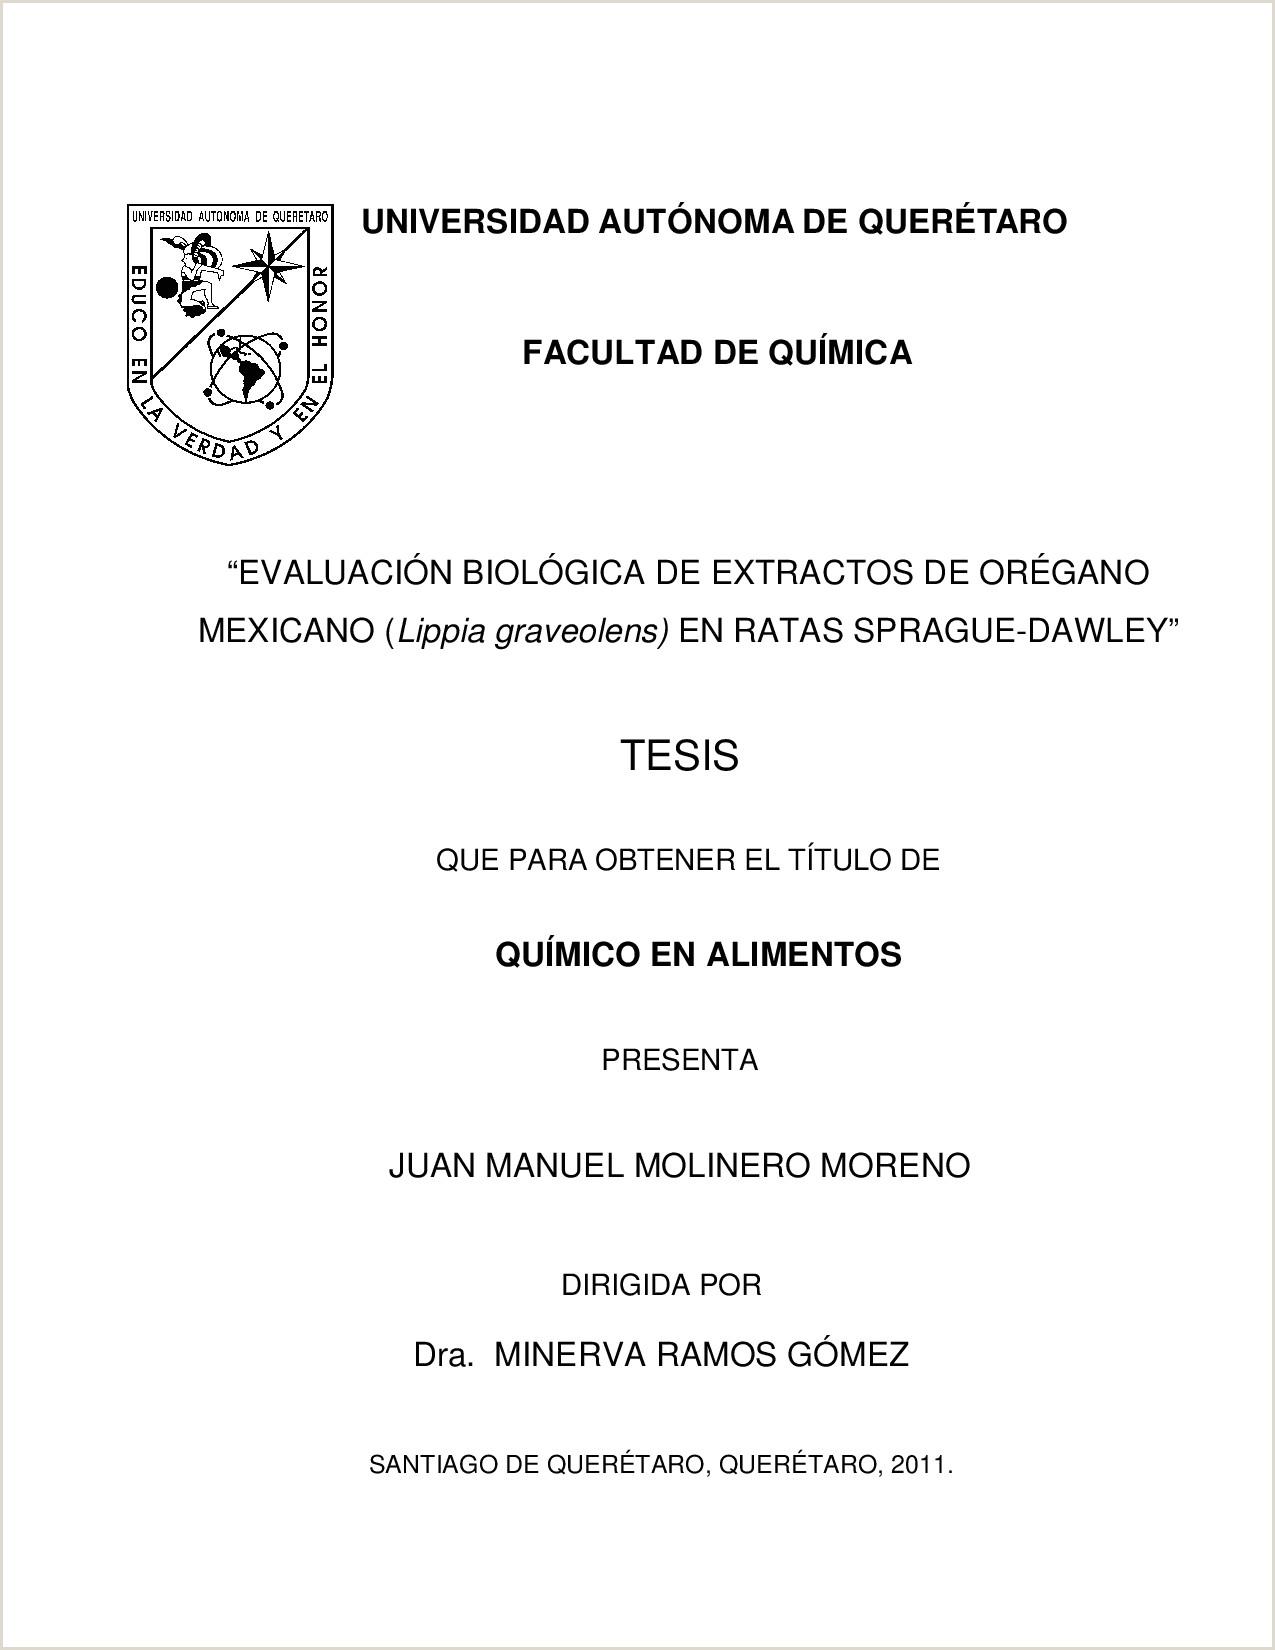 Hoja De Vida Minerva Doc Primer Examen De Análisis Clnico Ii Da Miércoles 22 De